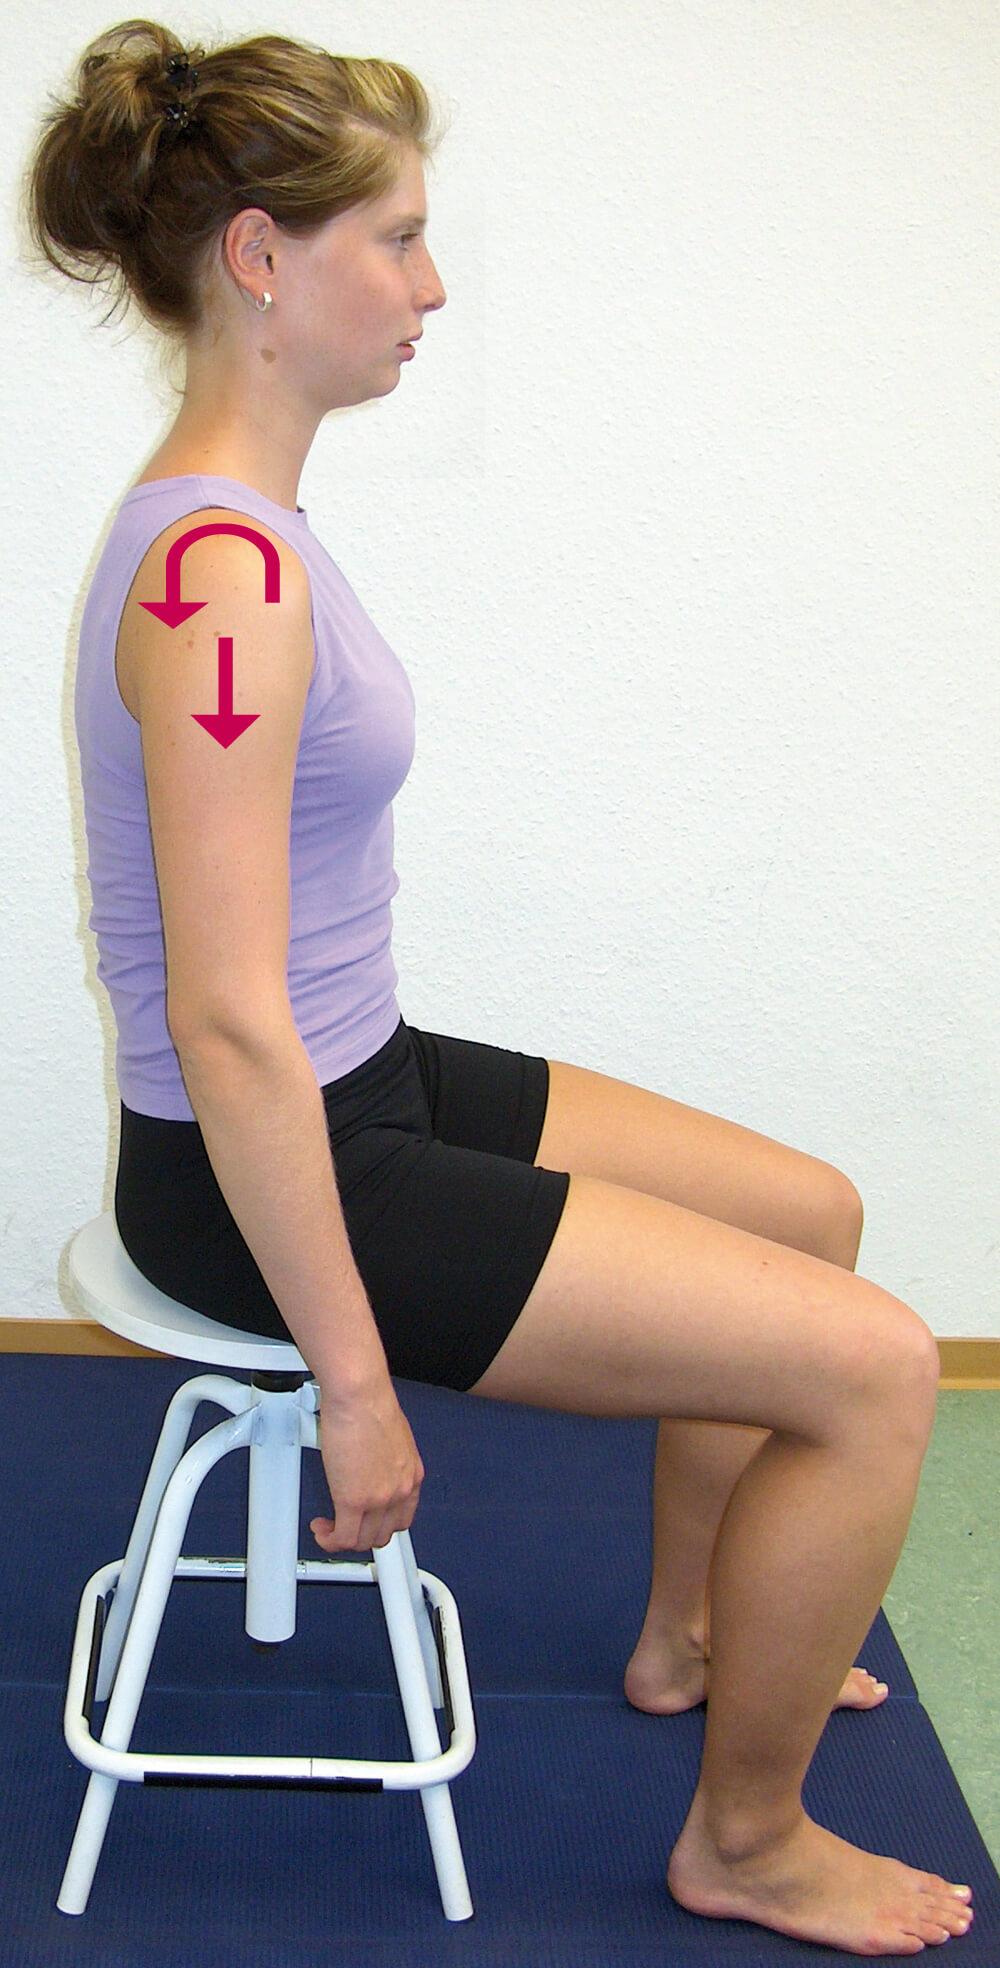 Schulter vorn-oben-innen (Fehlstellung)